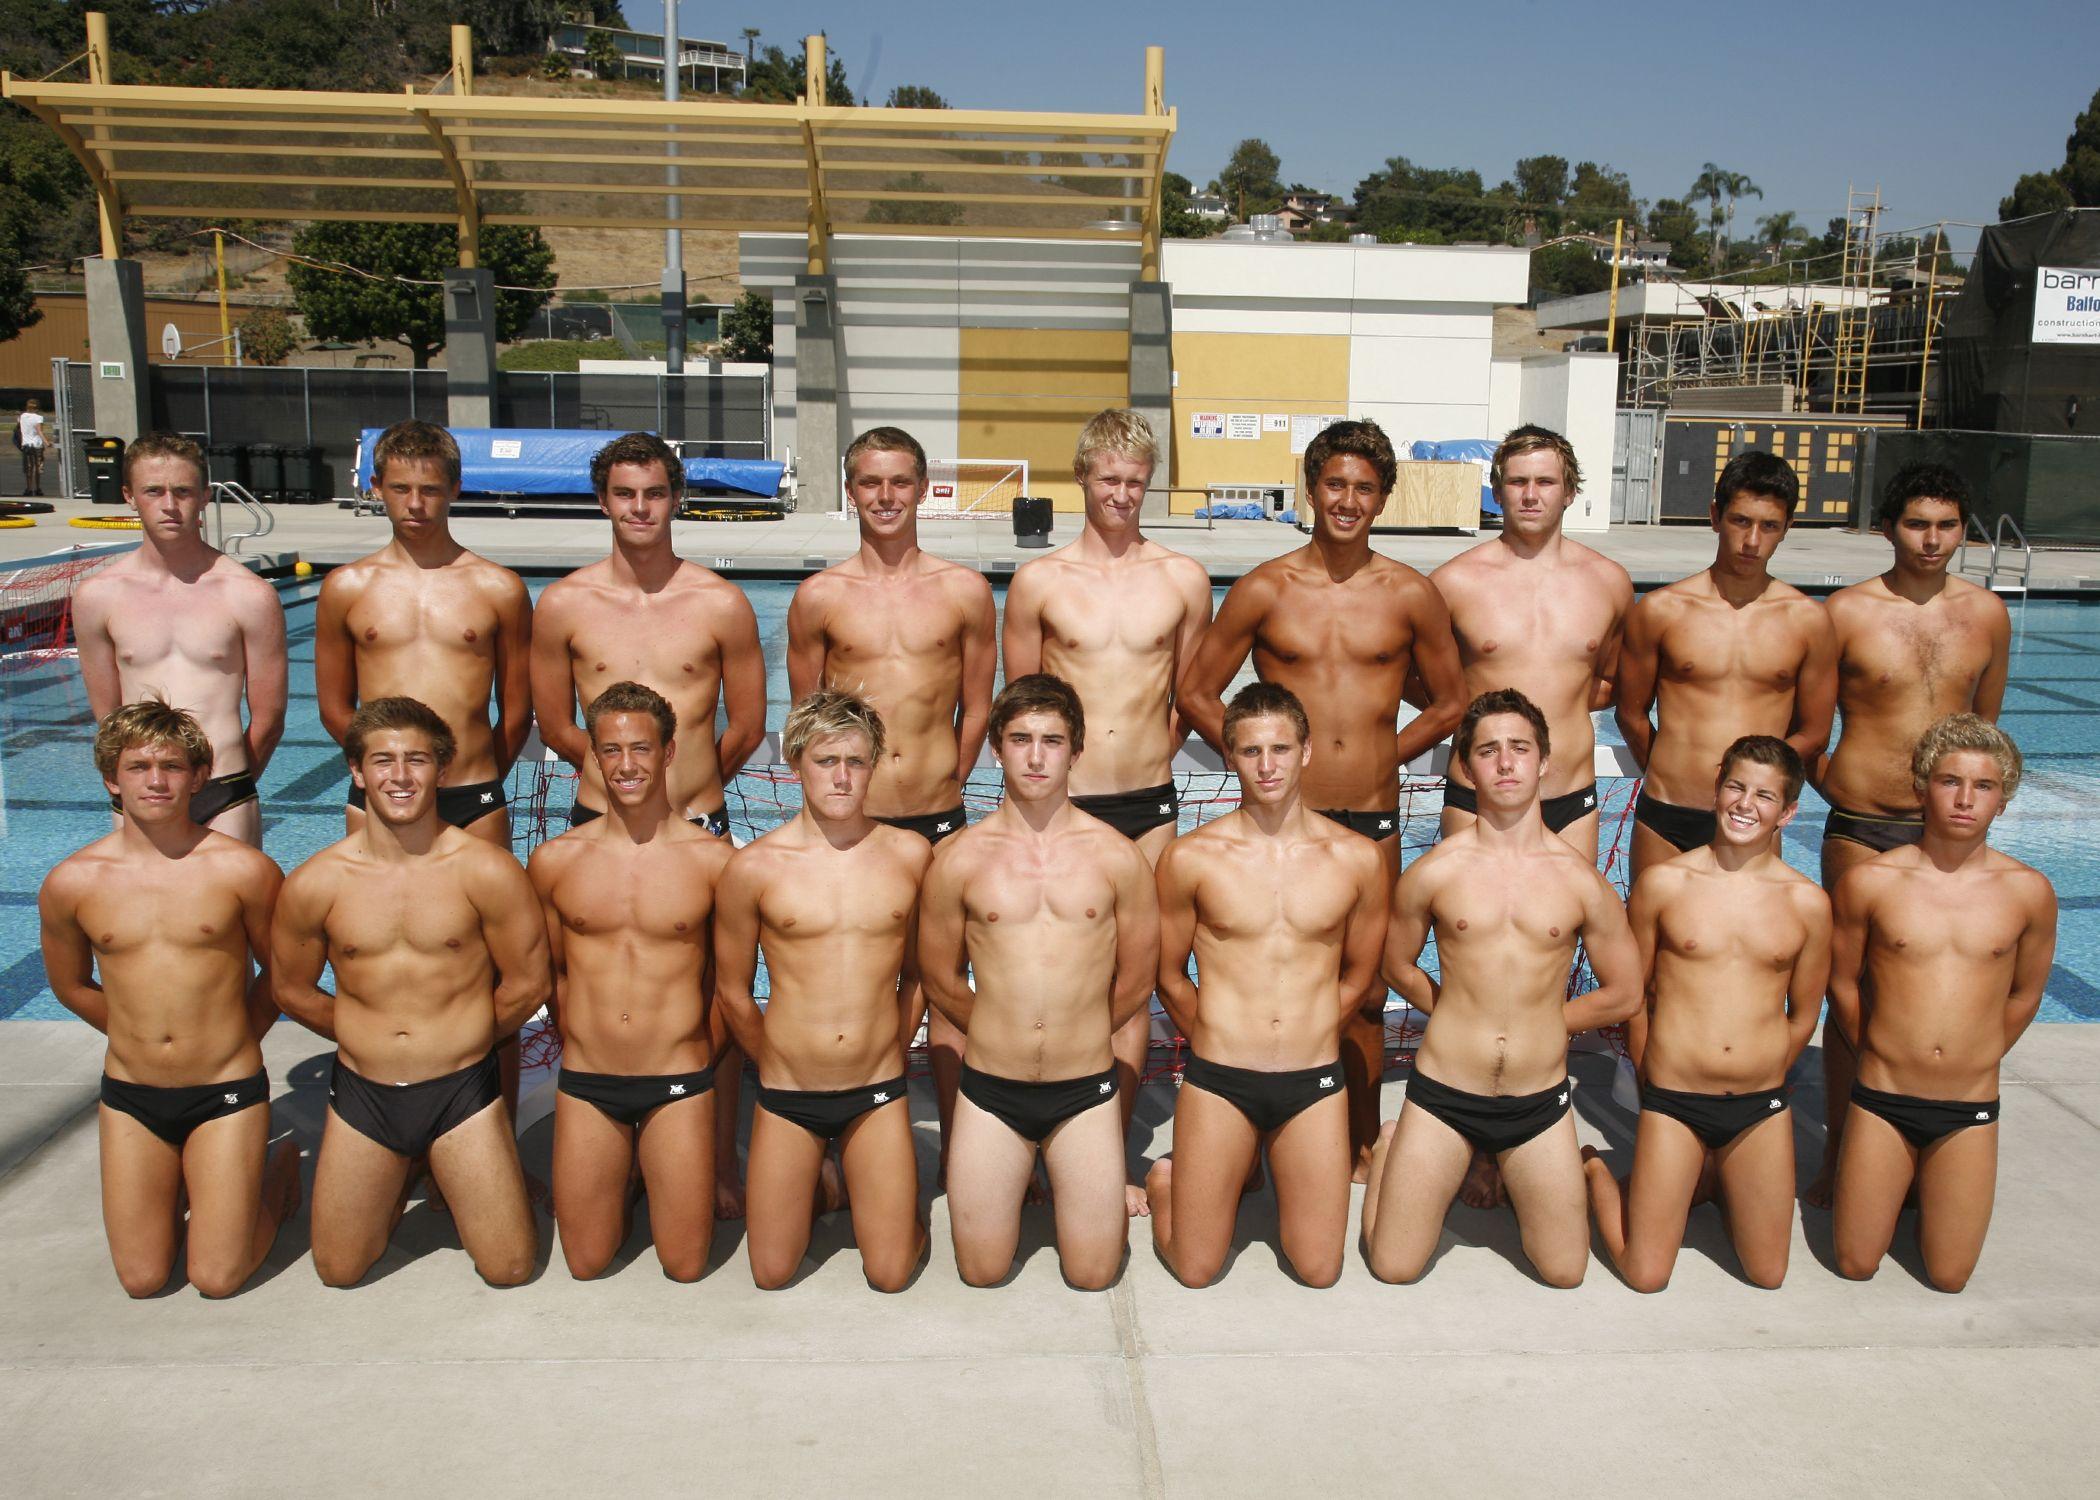 Nudist Group Of Naked Gay Guys